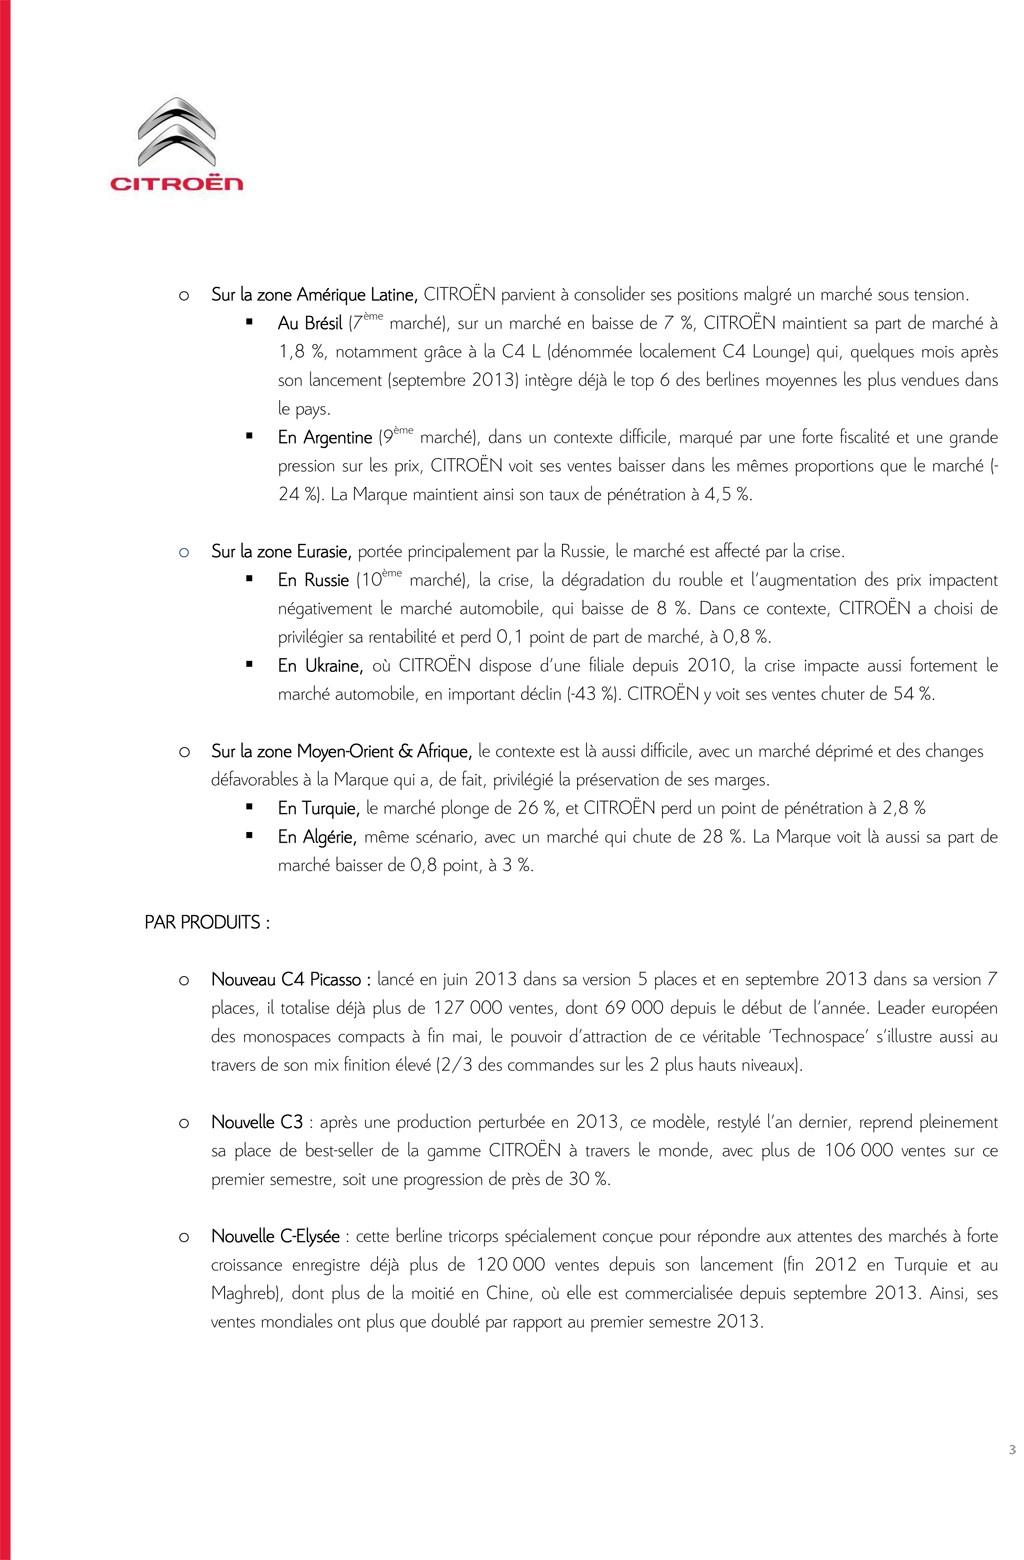 [VENTE] Résultats commerciaux 2014 Cp_cit14